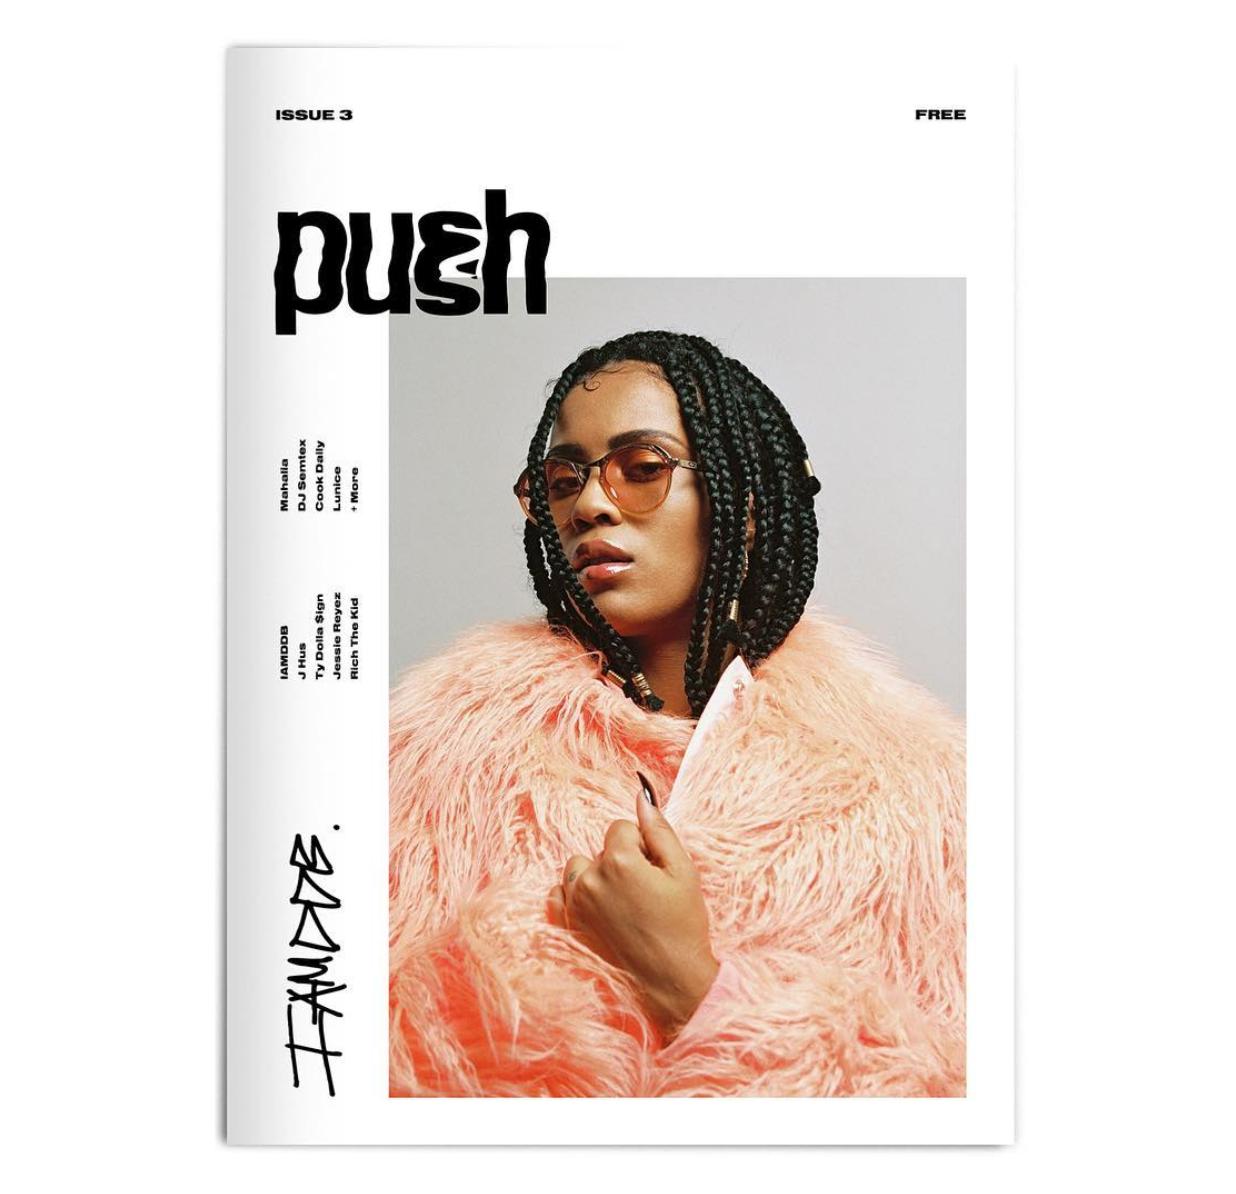 Push Magazine shot by Vicky